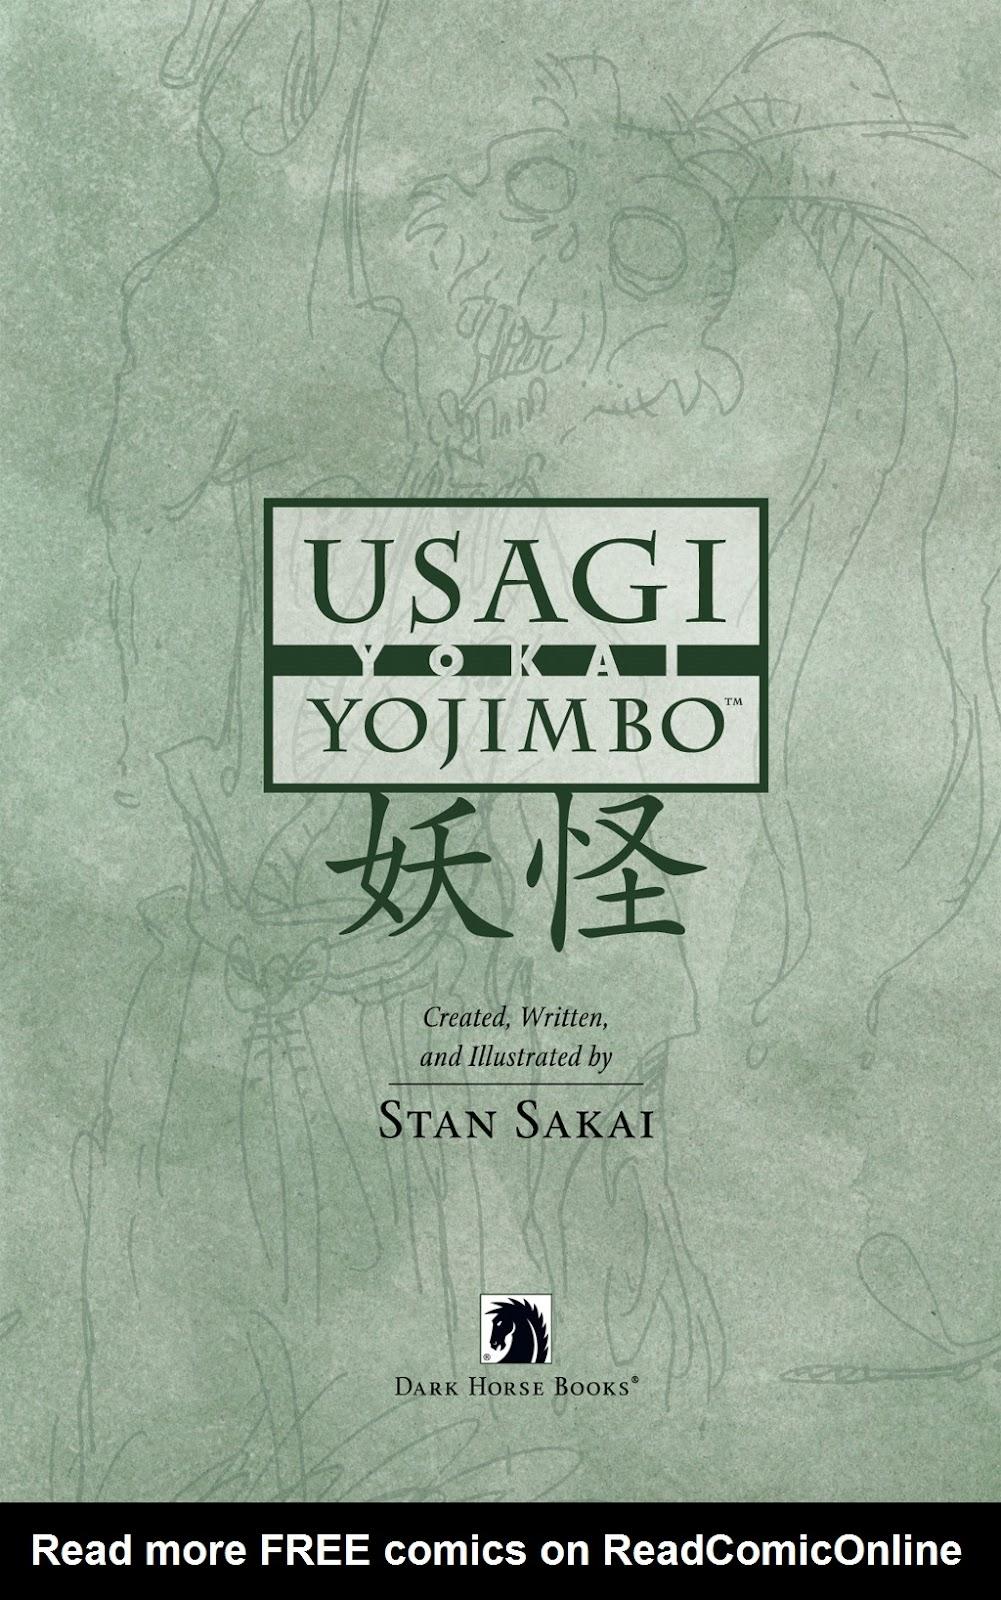 Read online Usagi Yojimbo: Yokai comic -  Issue # Full - 2